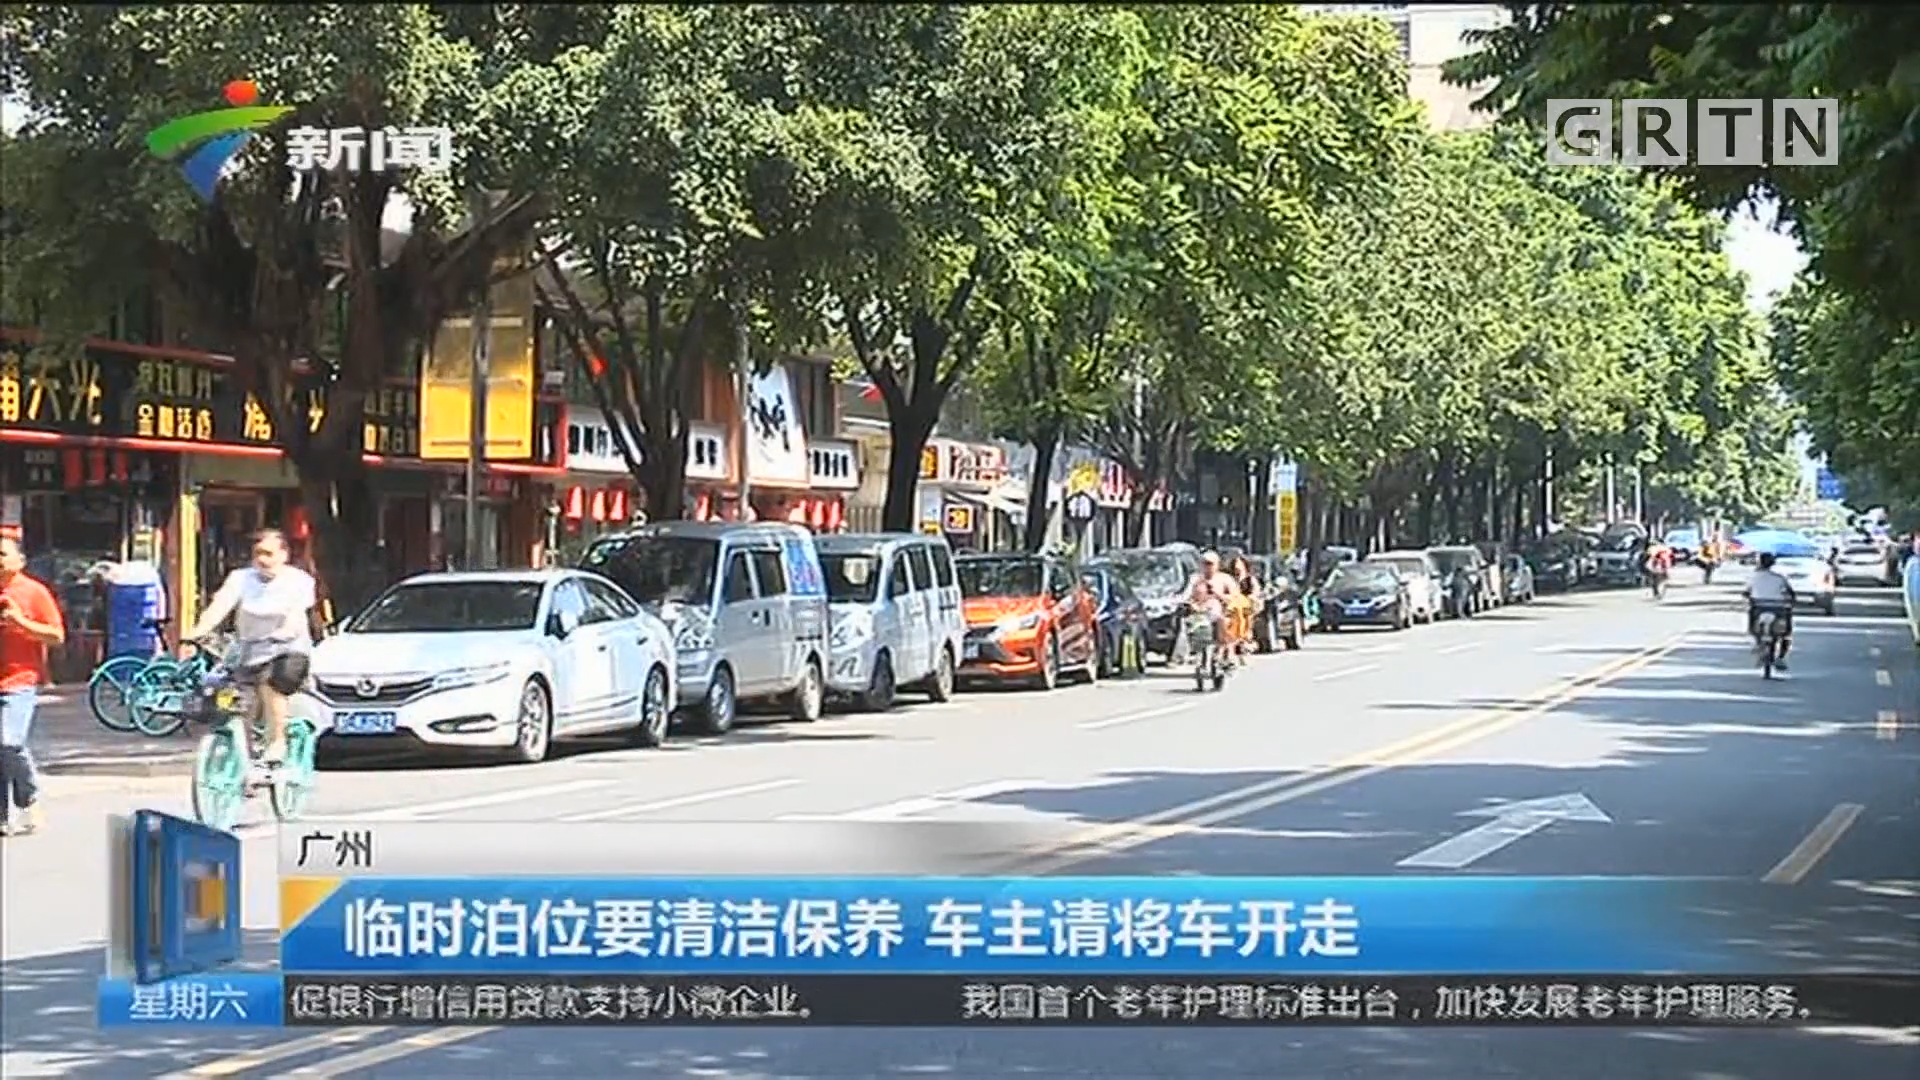 广州:临时泊位要清洁保养 车主请将车开走